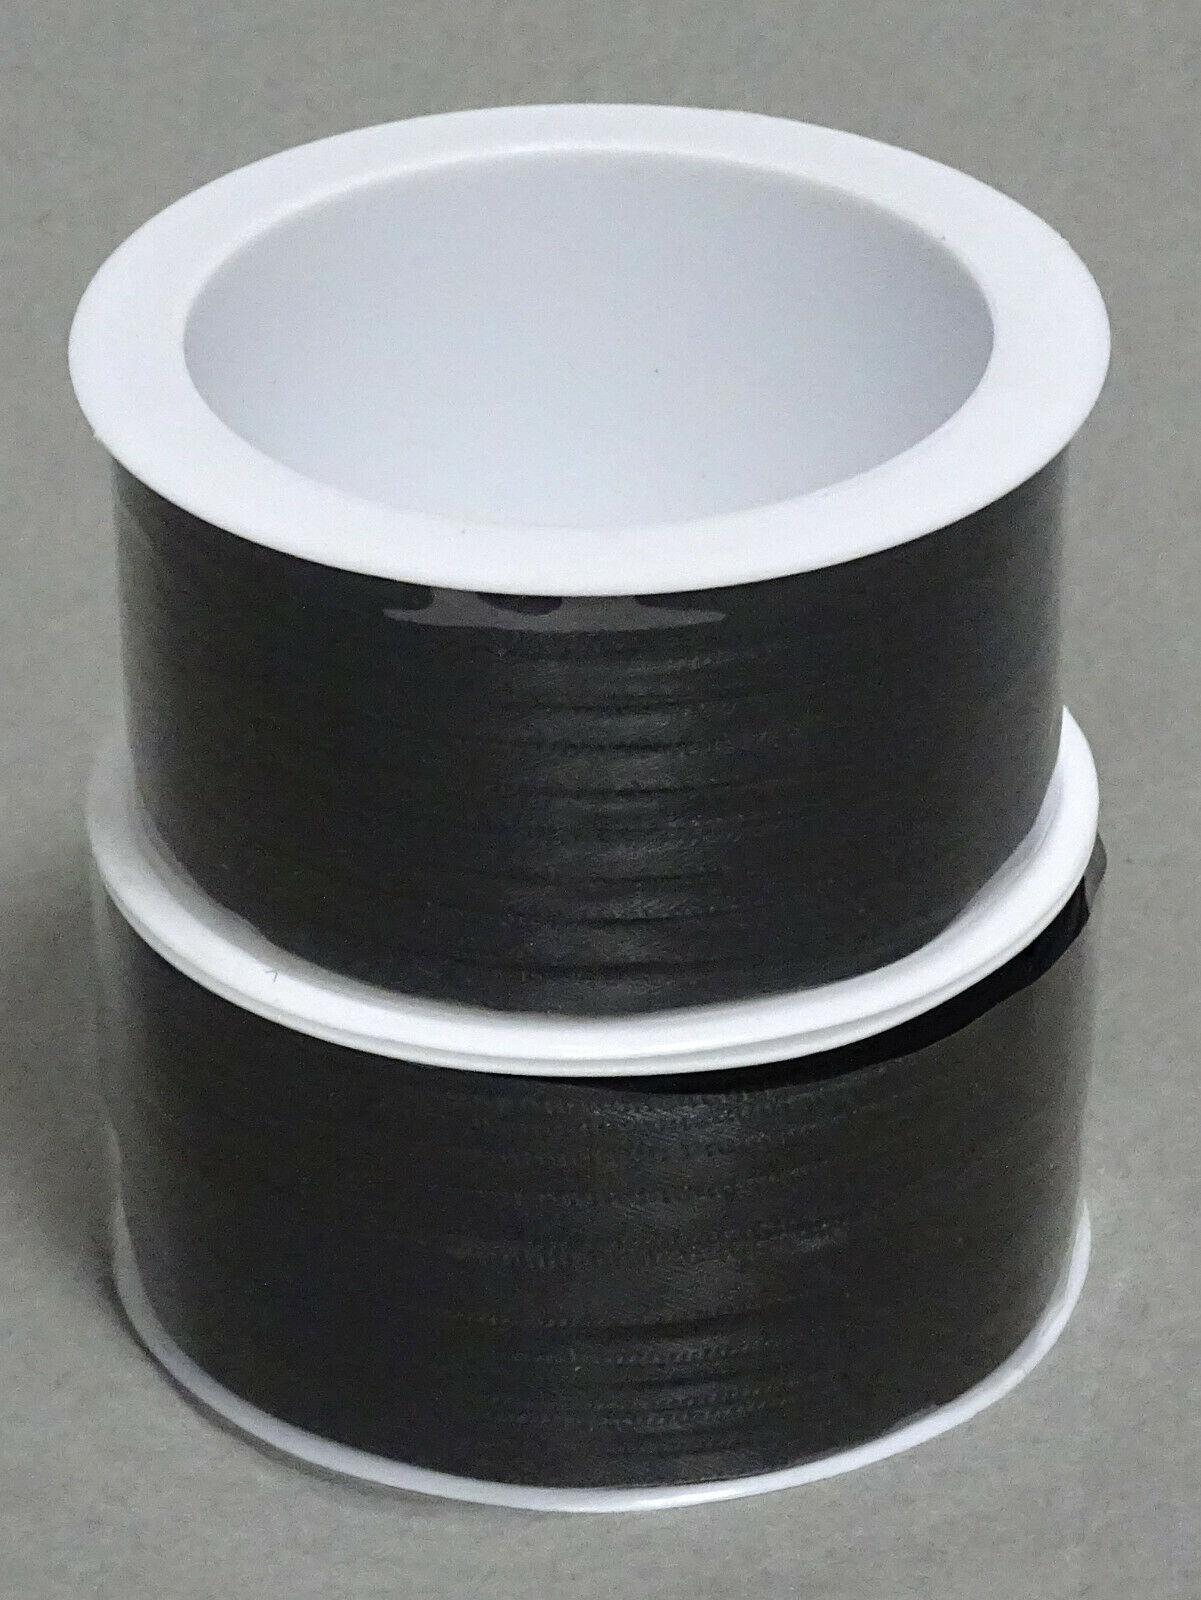 Satinband Schleifenband 50m x 3mm / 6mm Dekoband ab 0,05 €/m Geschenkband Rolle - Schwarz 113, 3 mm x 50 m